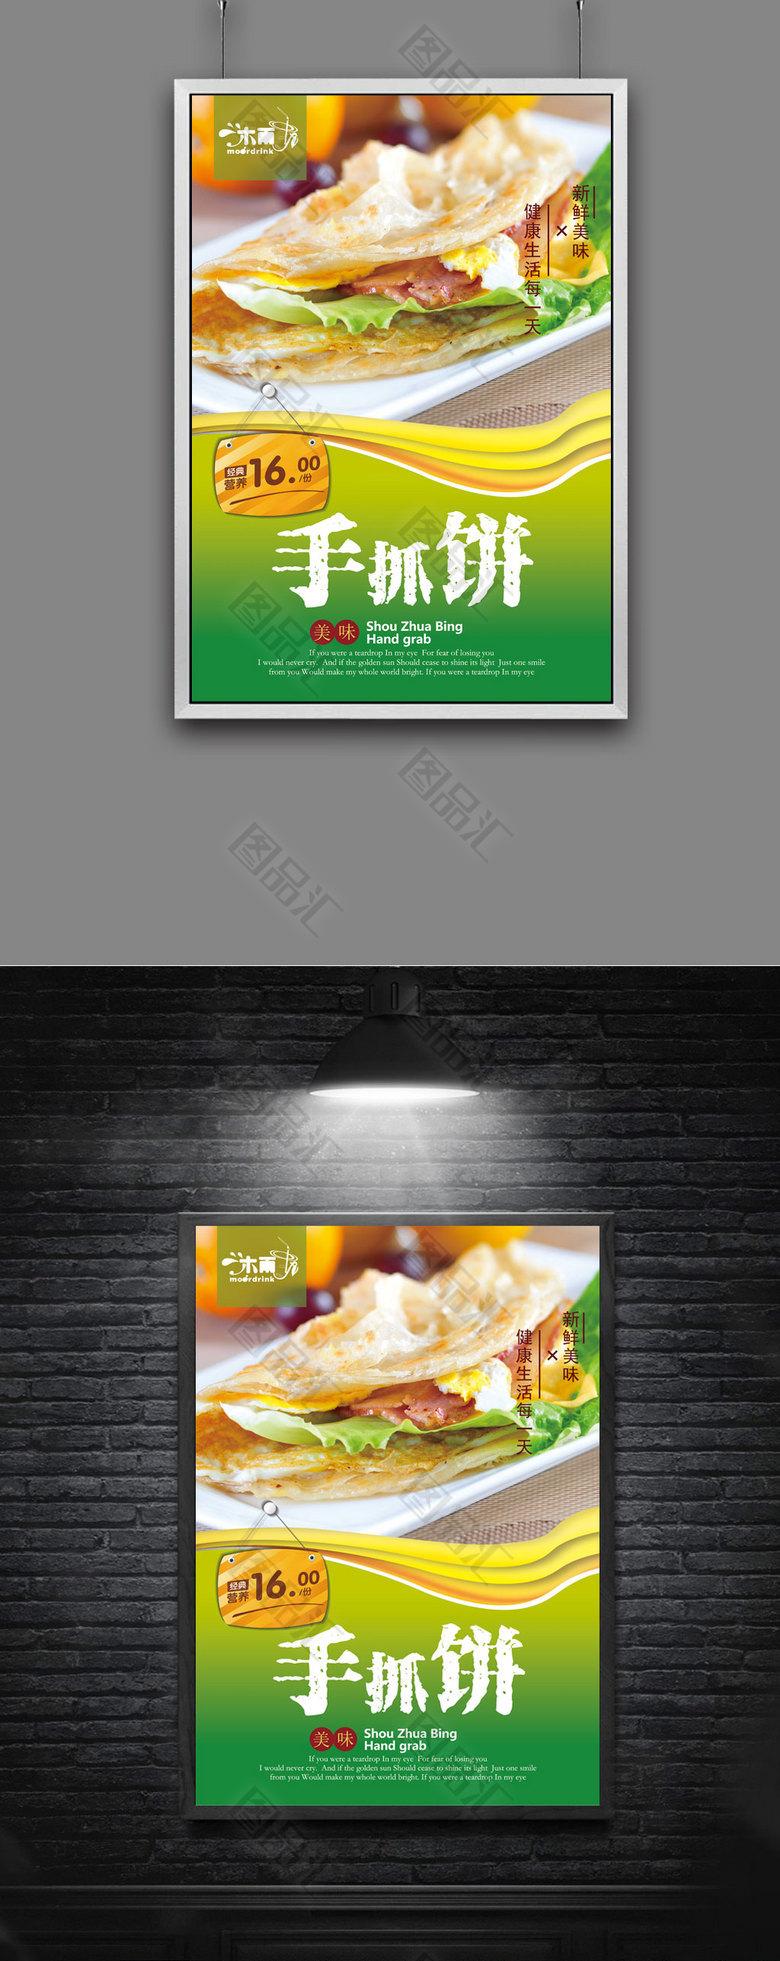 绿色手抓饼海报设计建筑设计管理体系图片